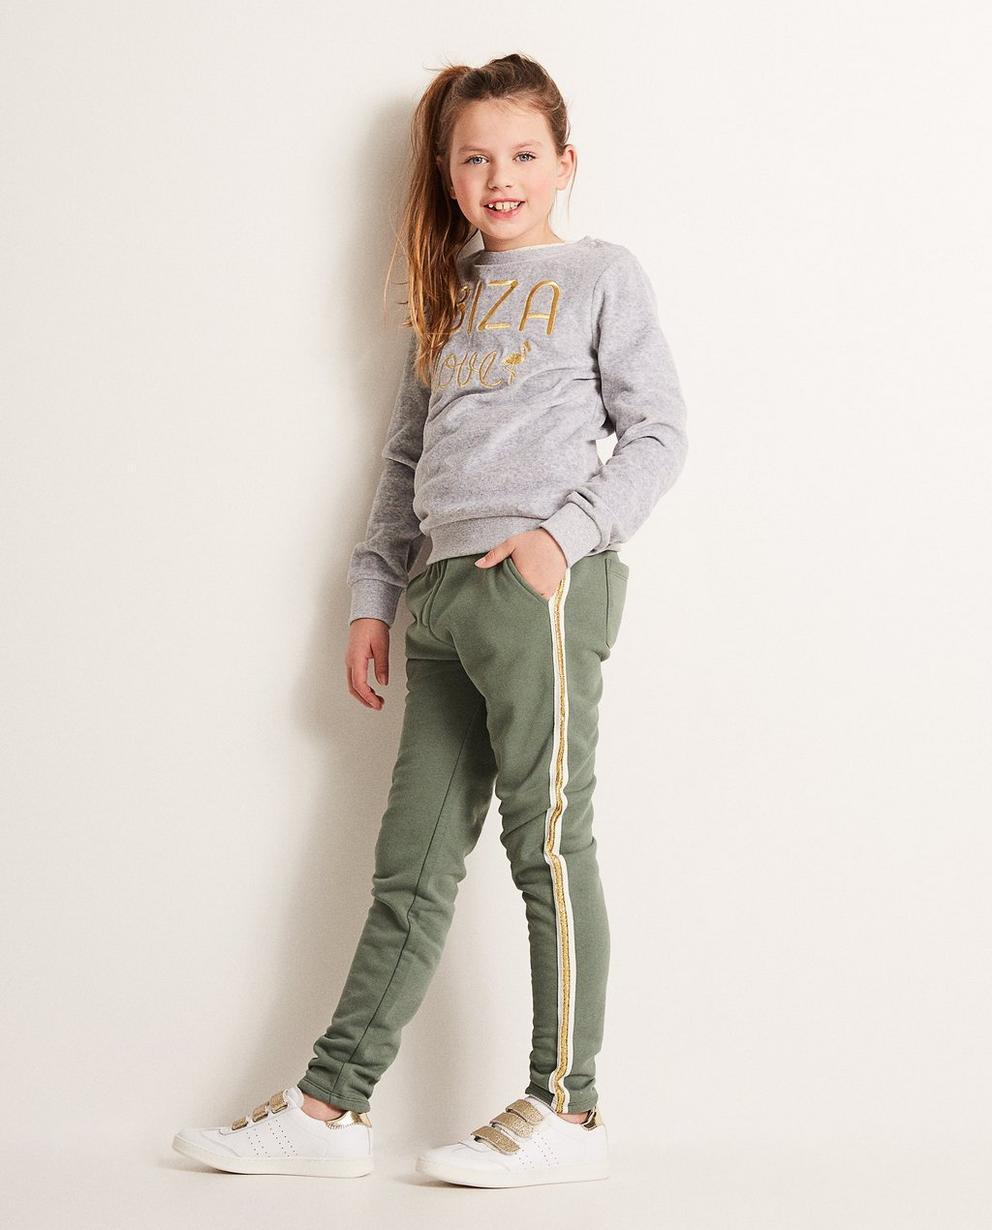 Pantalon molletonné - bande et tailel élastique - JBC